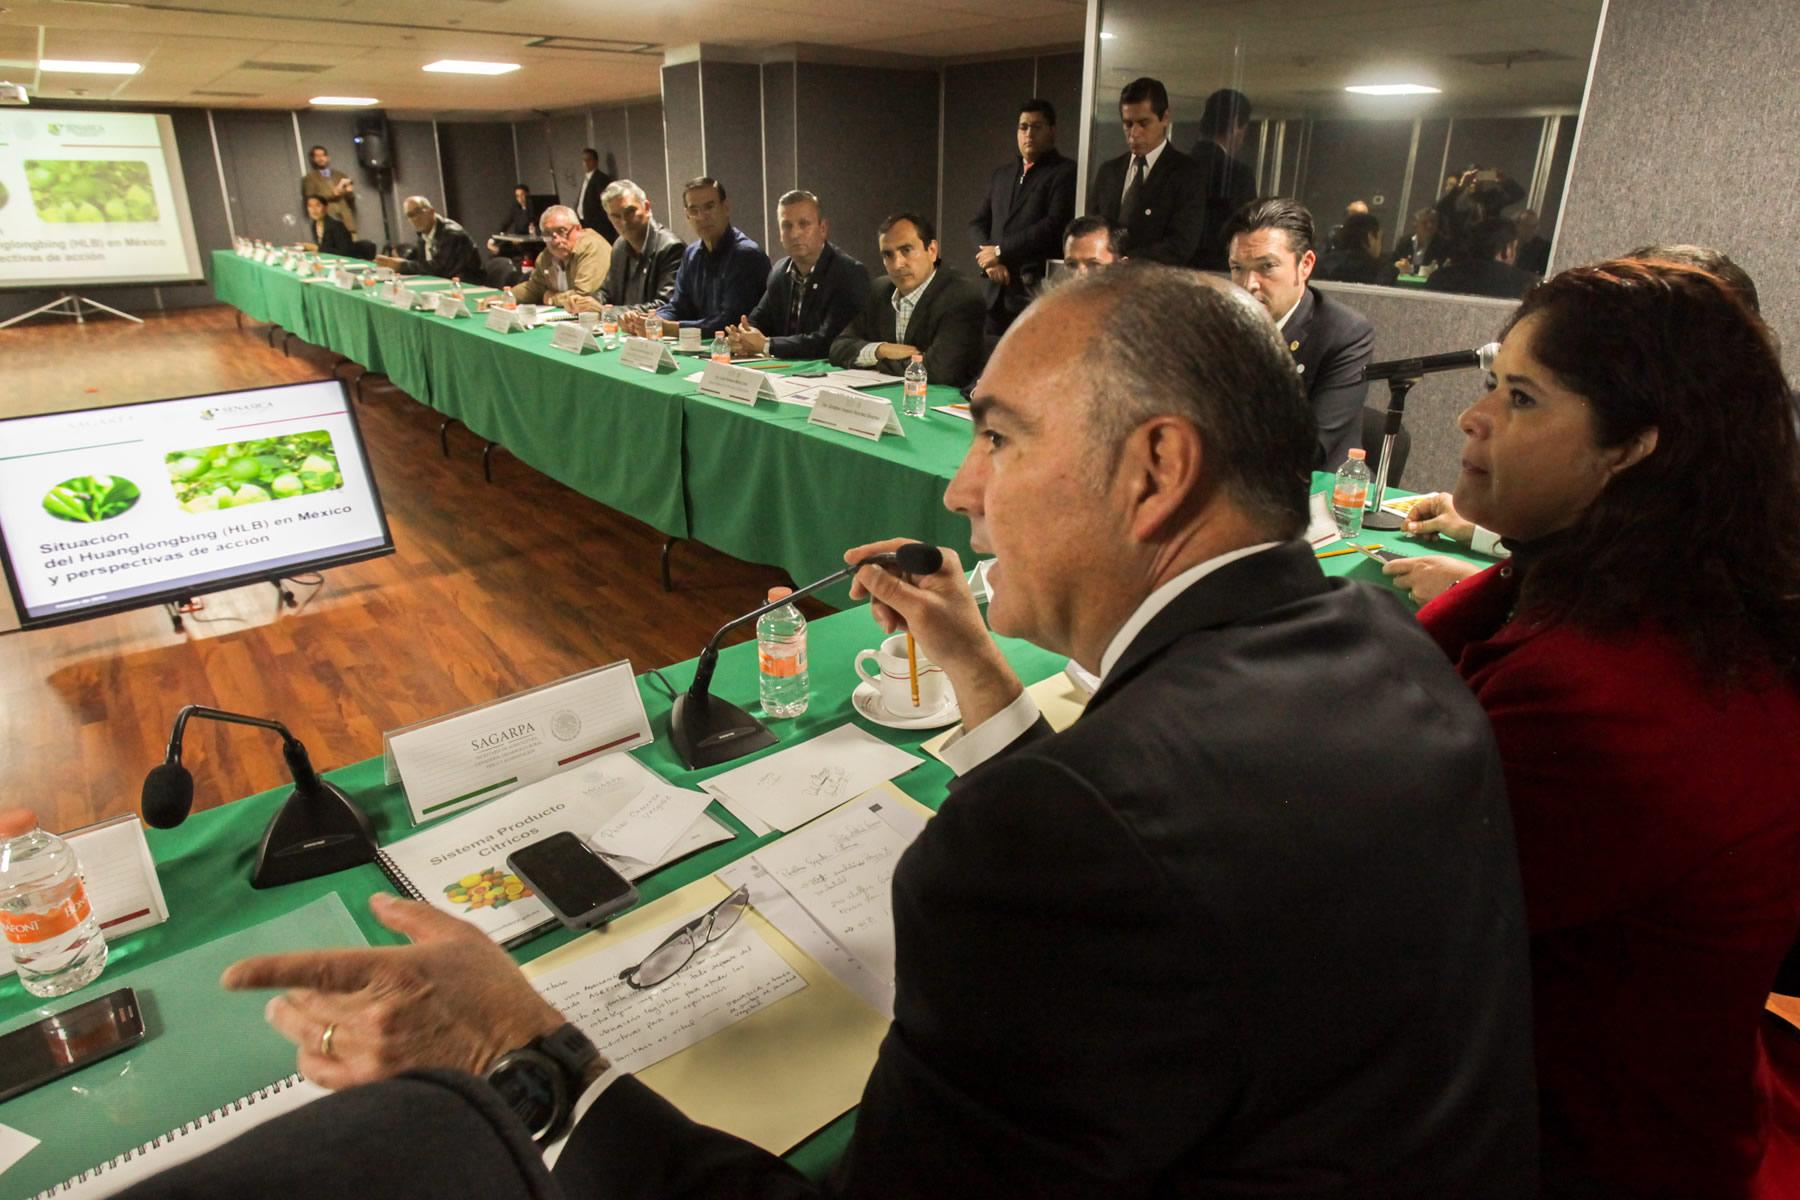 La Secretaría de Agricultura, Ganadería, Desarrollo Rural, Pesca y Alimentación (SAGARPA) impulsará un proyecto para la construcción de una planta de irradiación de cítricos para exportación, anunció su titular José Calzada Rovirosa.